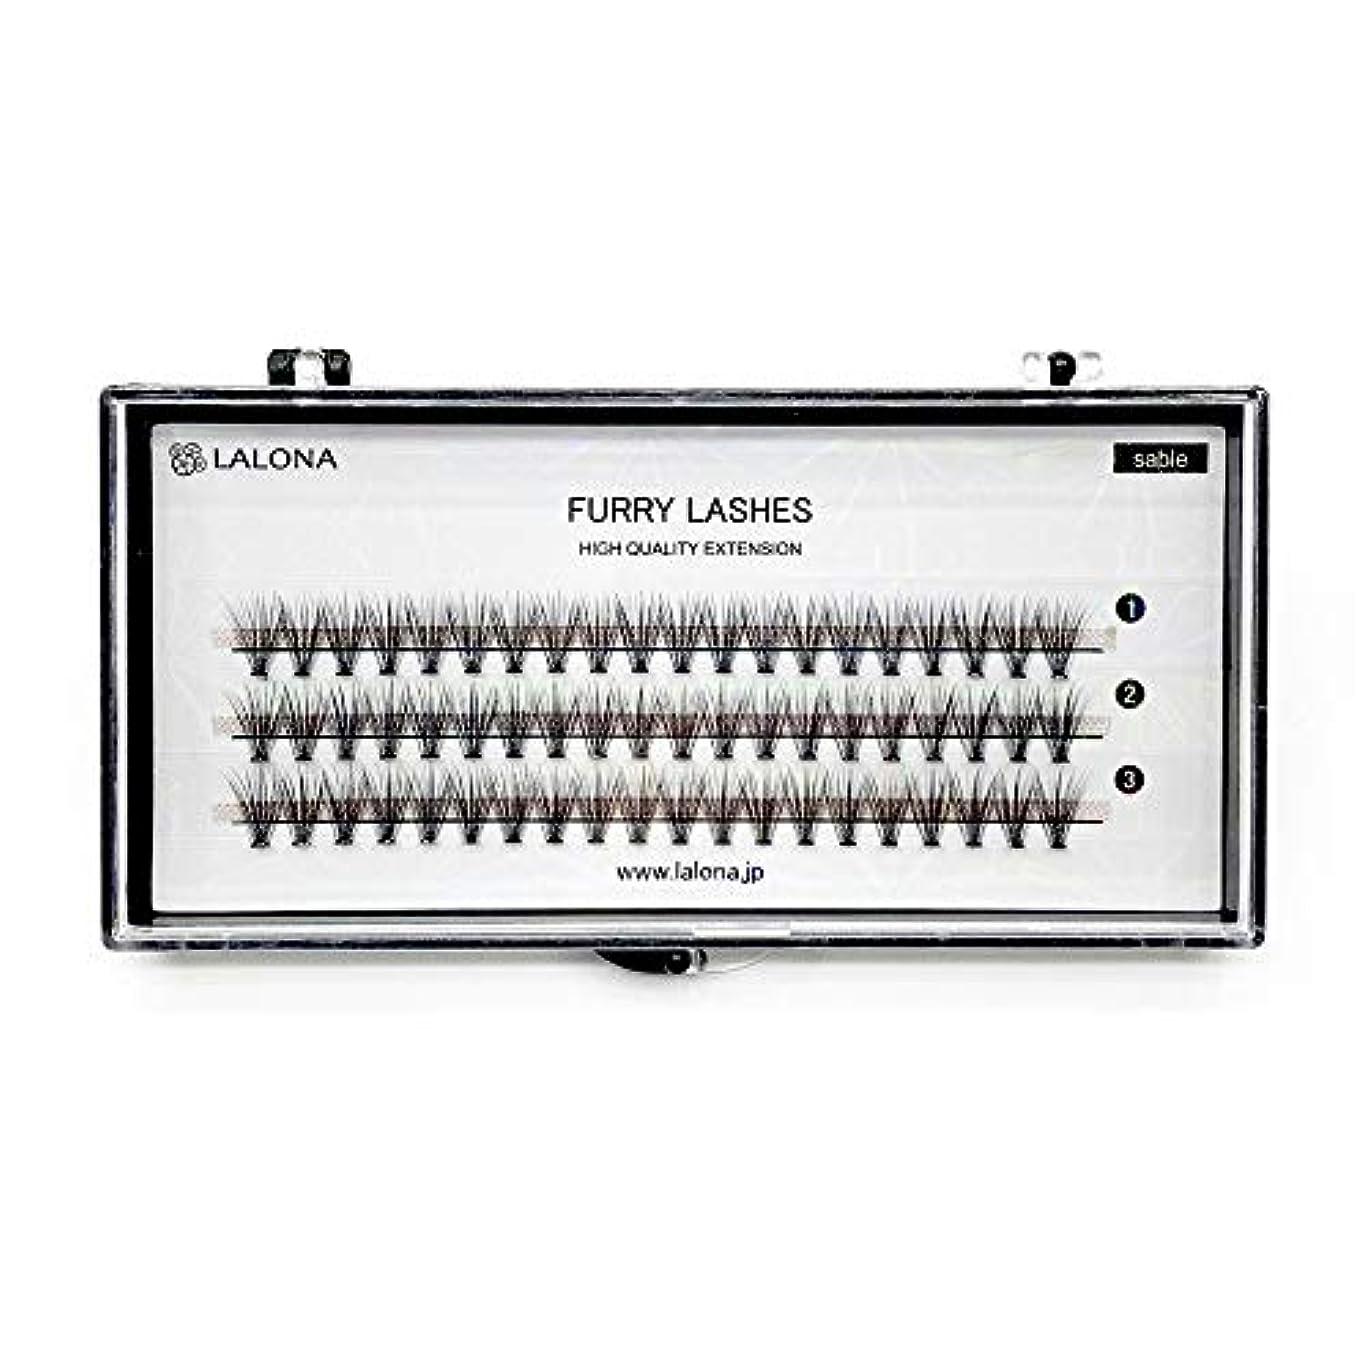 弁護士やりすぎ発掘するLALONA [ ラローナ ] ファーリーラッシュ (30D) (60pcs) まつげエクステ 30本束 フレアラッシュ まつエク マツエク 束まつげ セーブル (0.05 / 8mm)